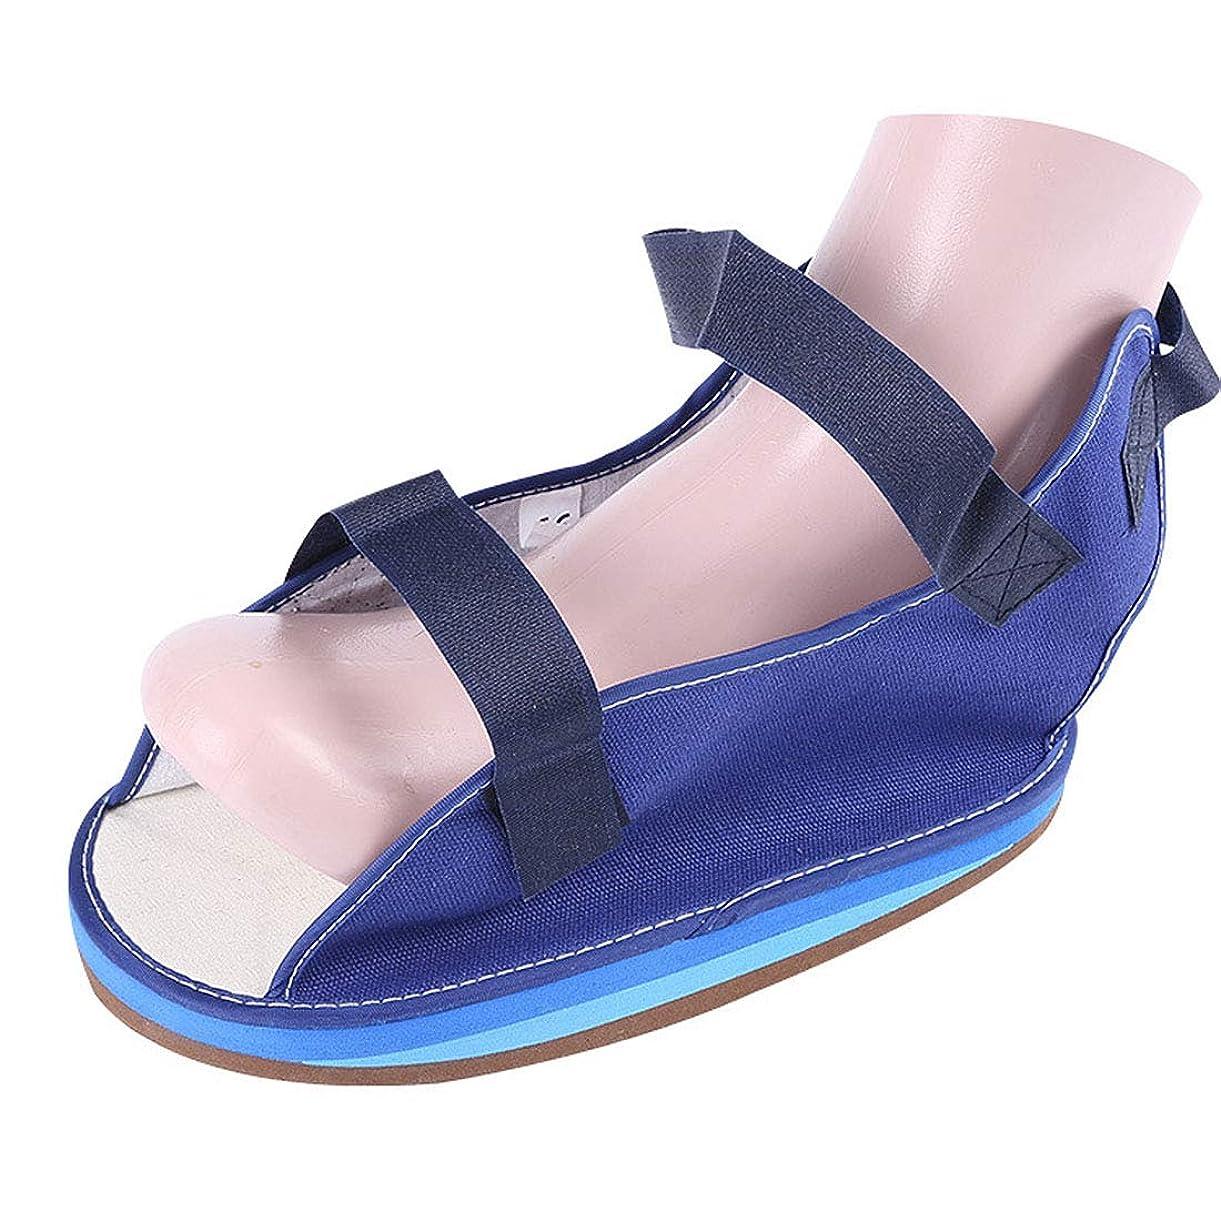 滝グリットシャー医療足骨折石膏の回復靴の手術後のつま先の靴を安定化骨折の靴を調整可能なファスナーで完全なカバー,S22cm